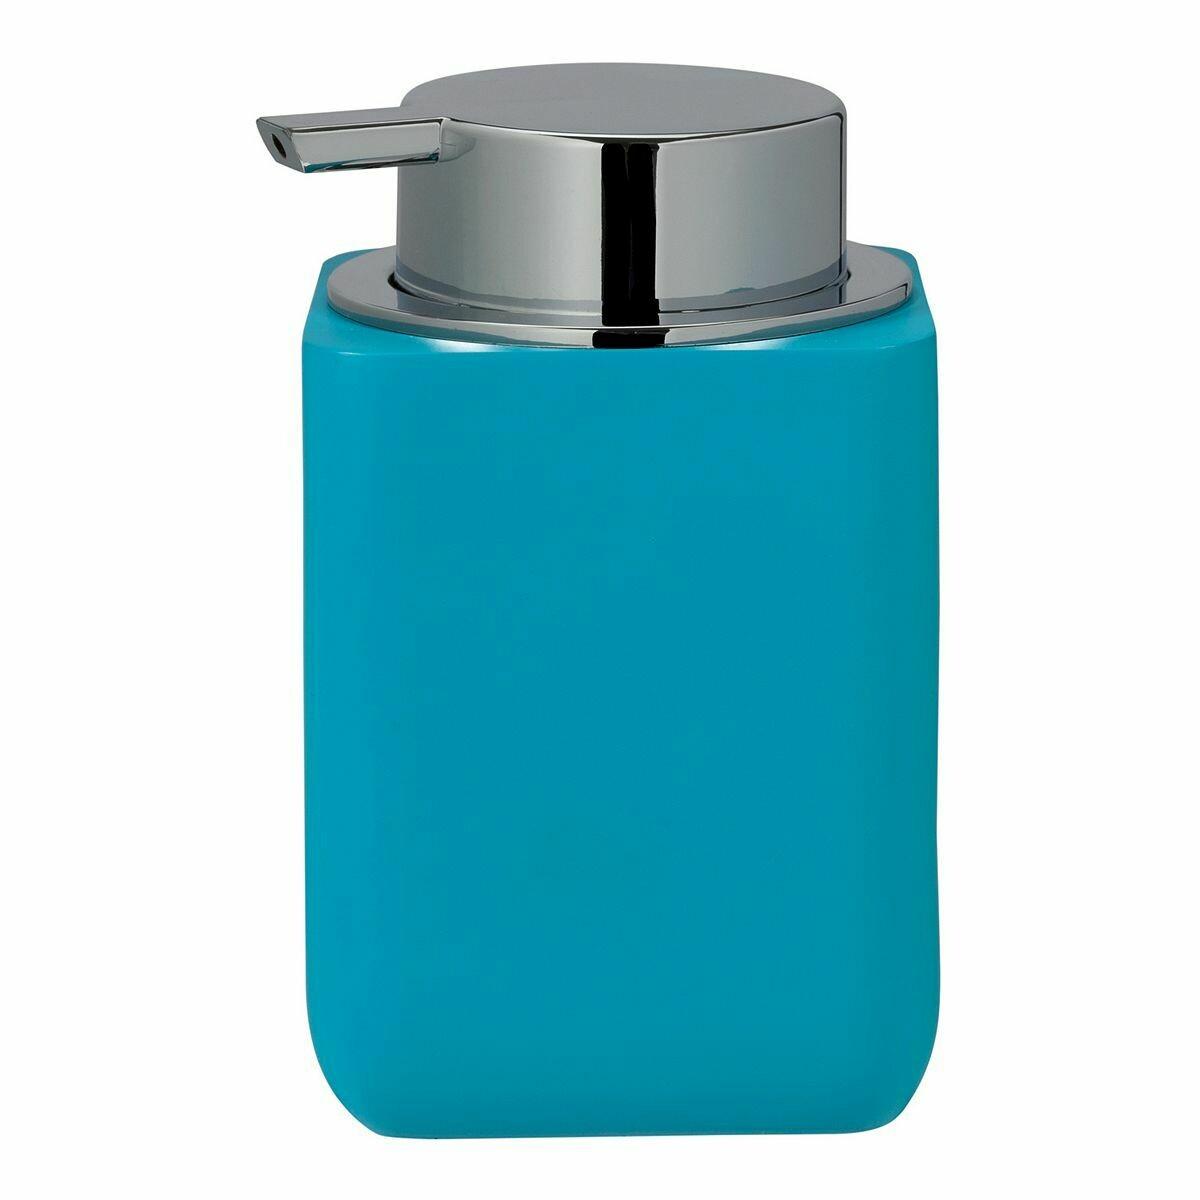 Oceania Soap Dispenser